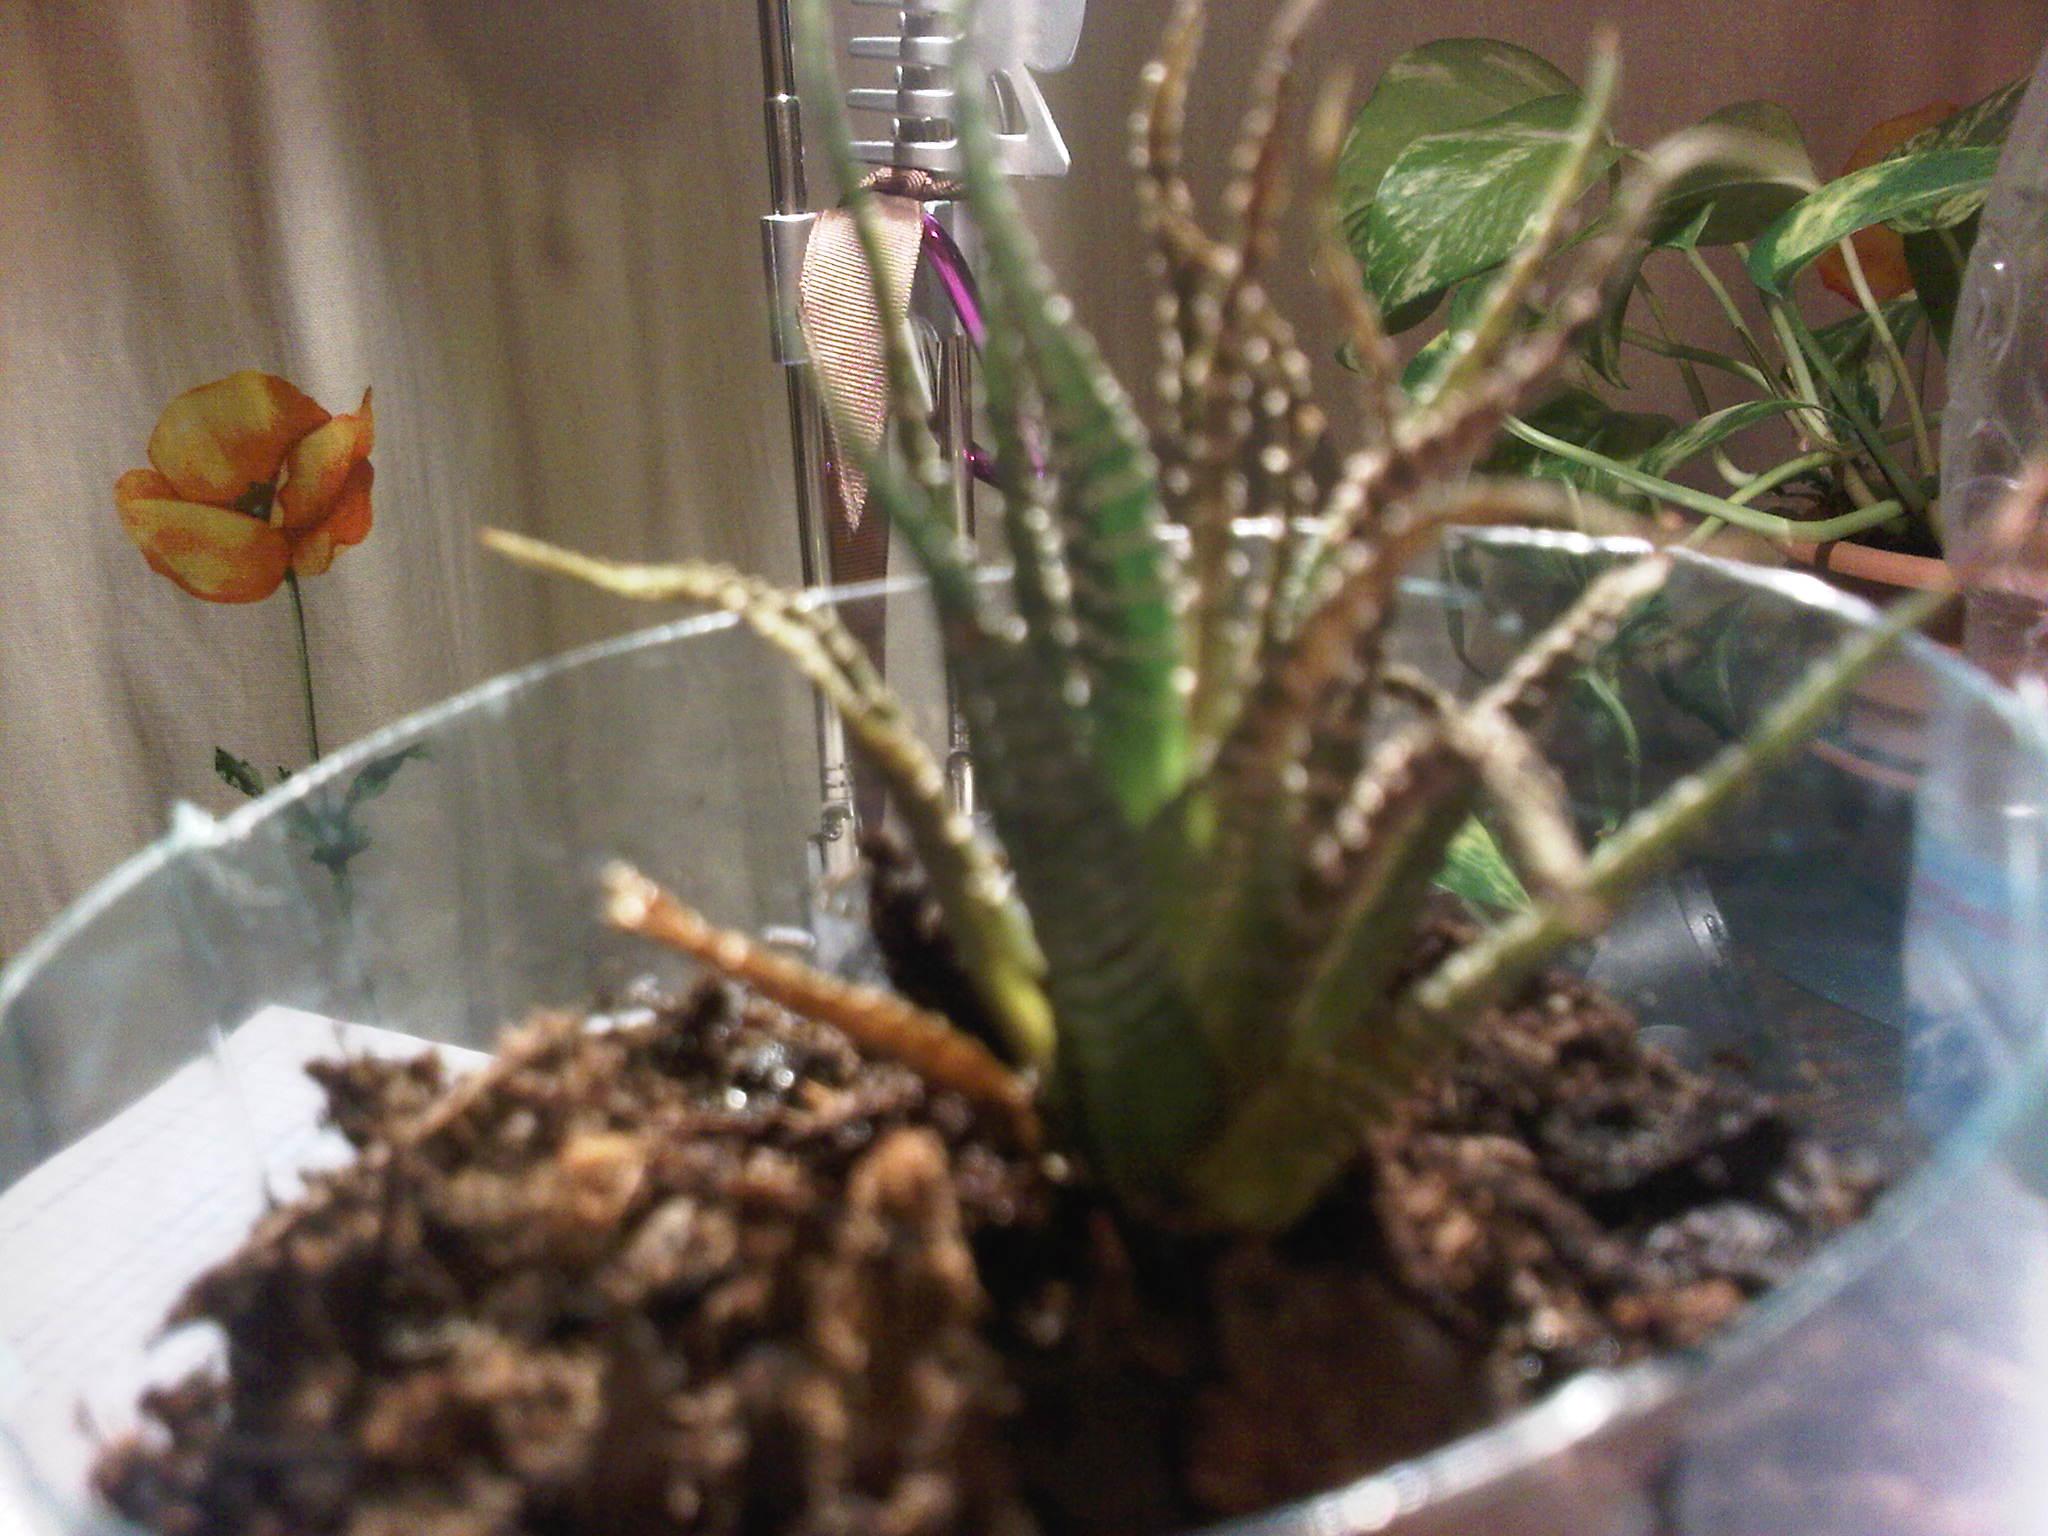 mon cactus est entrain de mourir - jardinage - forum vie pratique